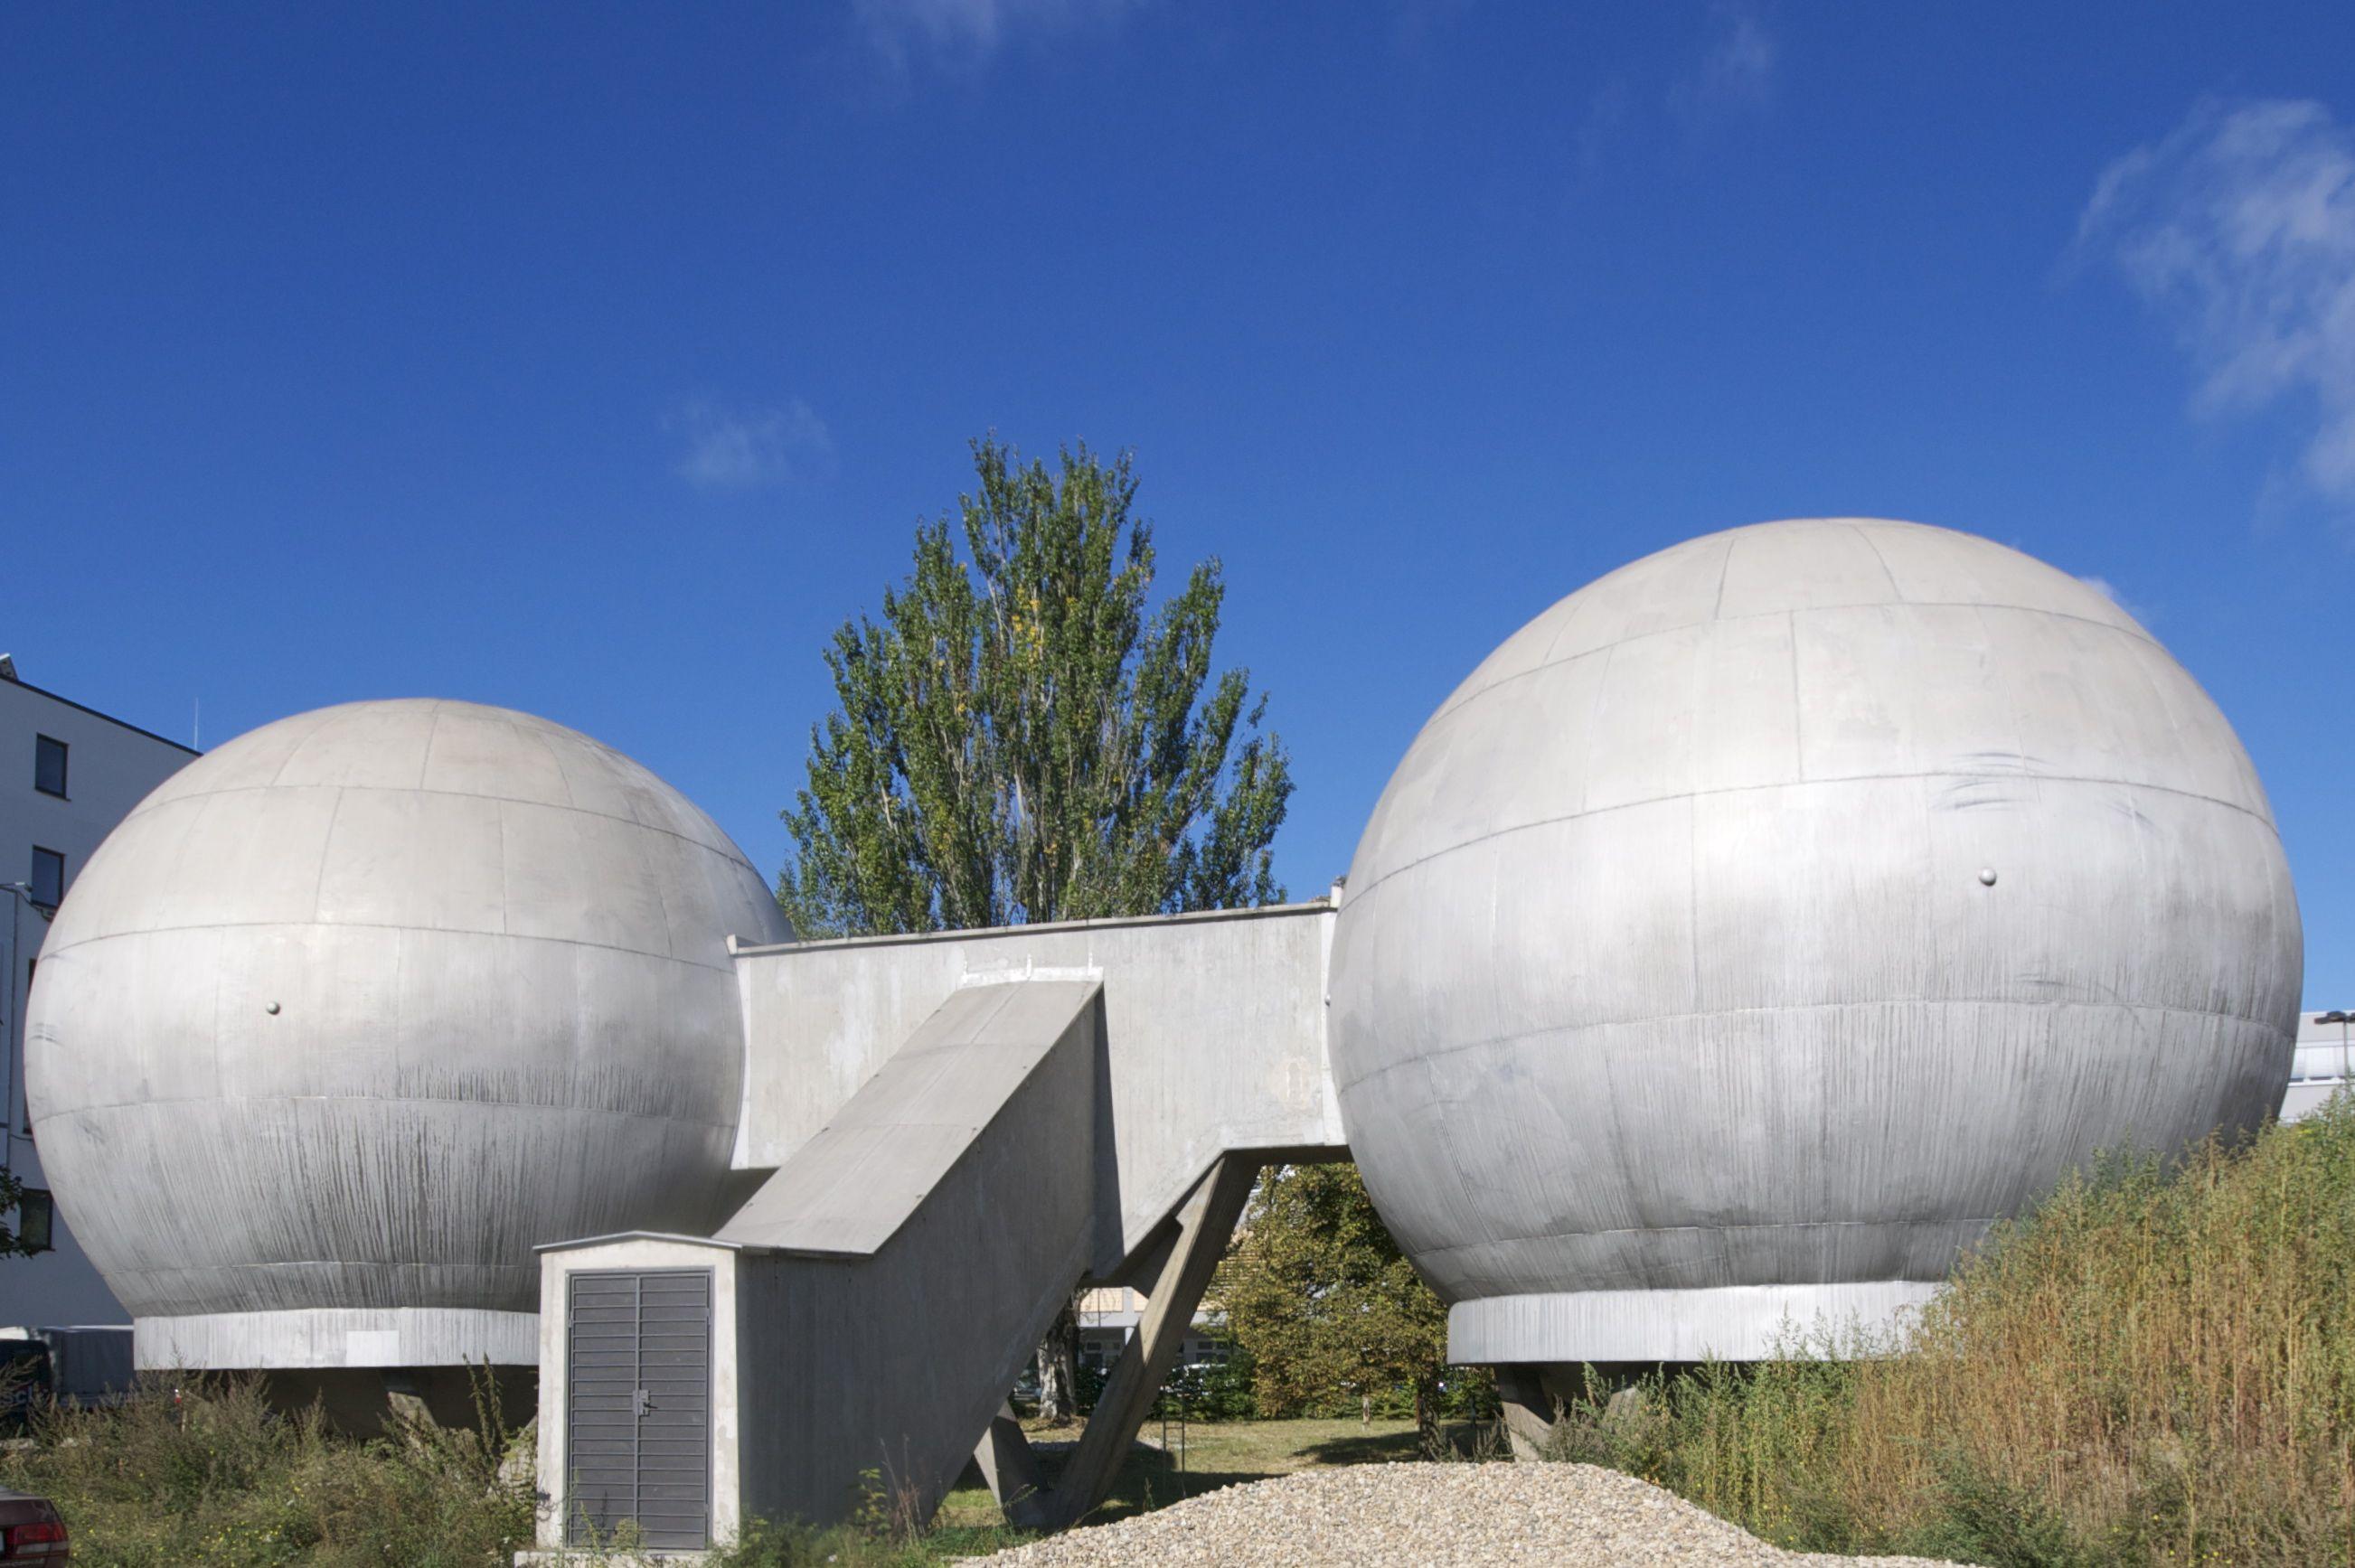 Wissenschaftspark Adlershof